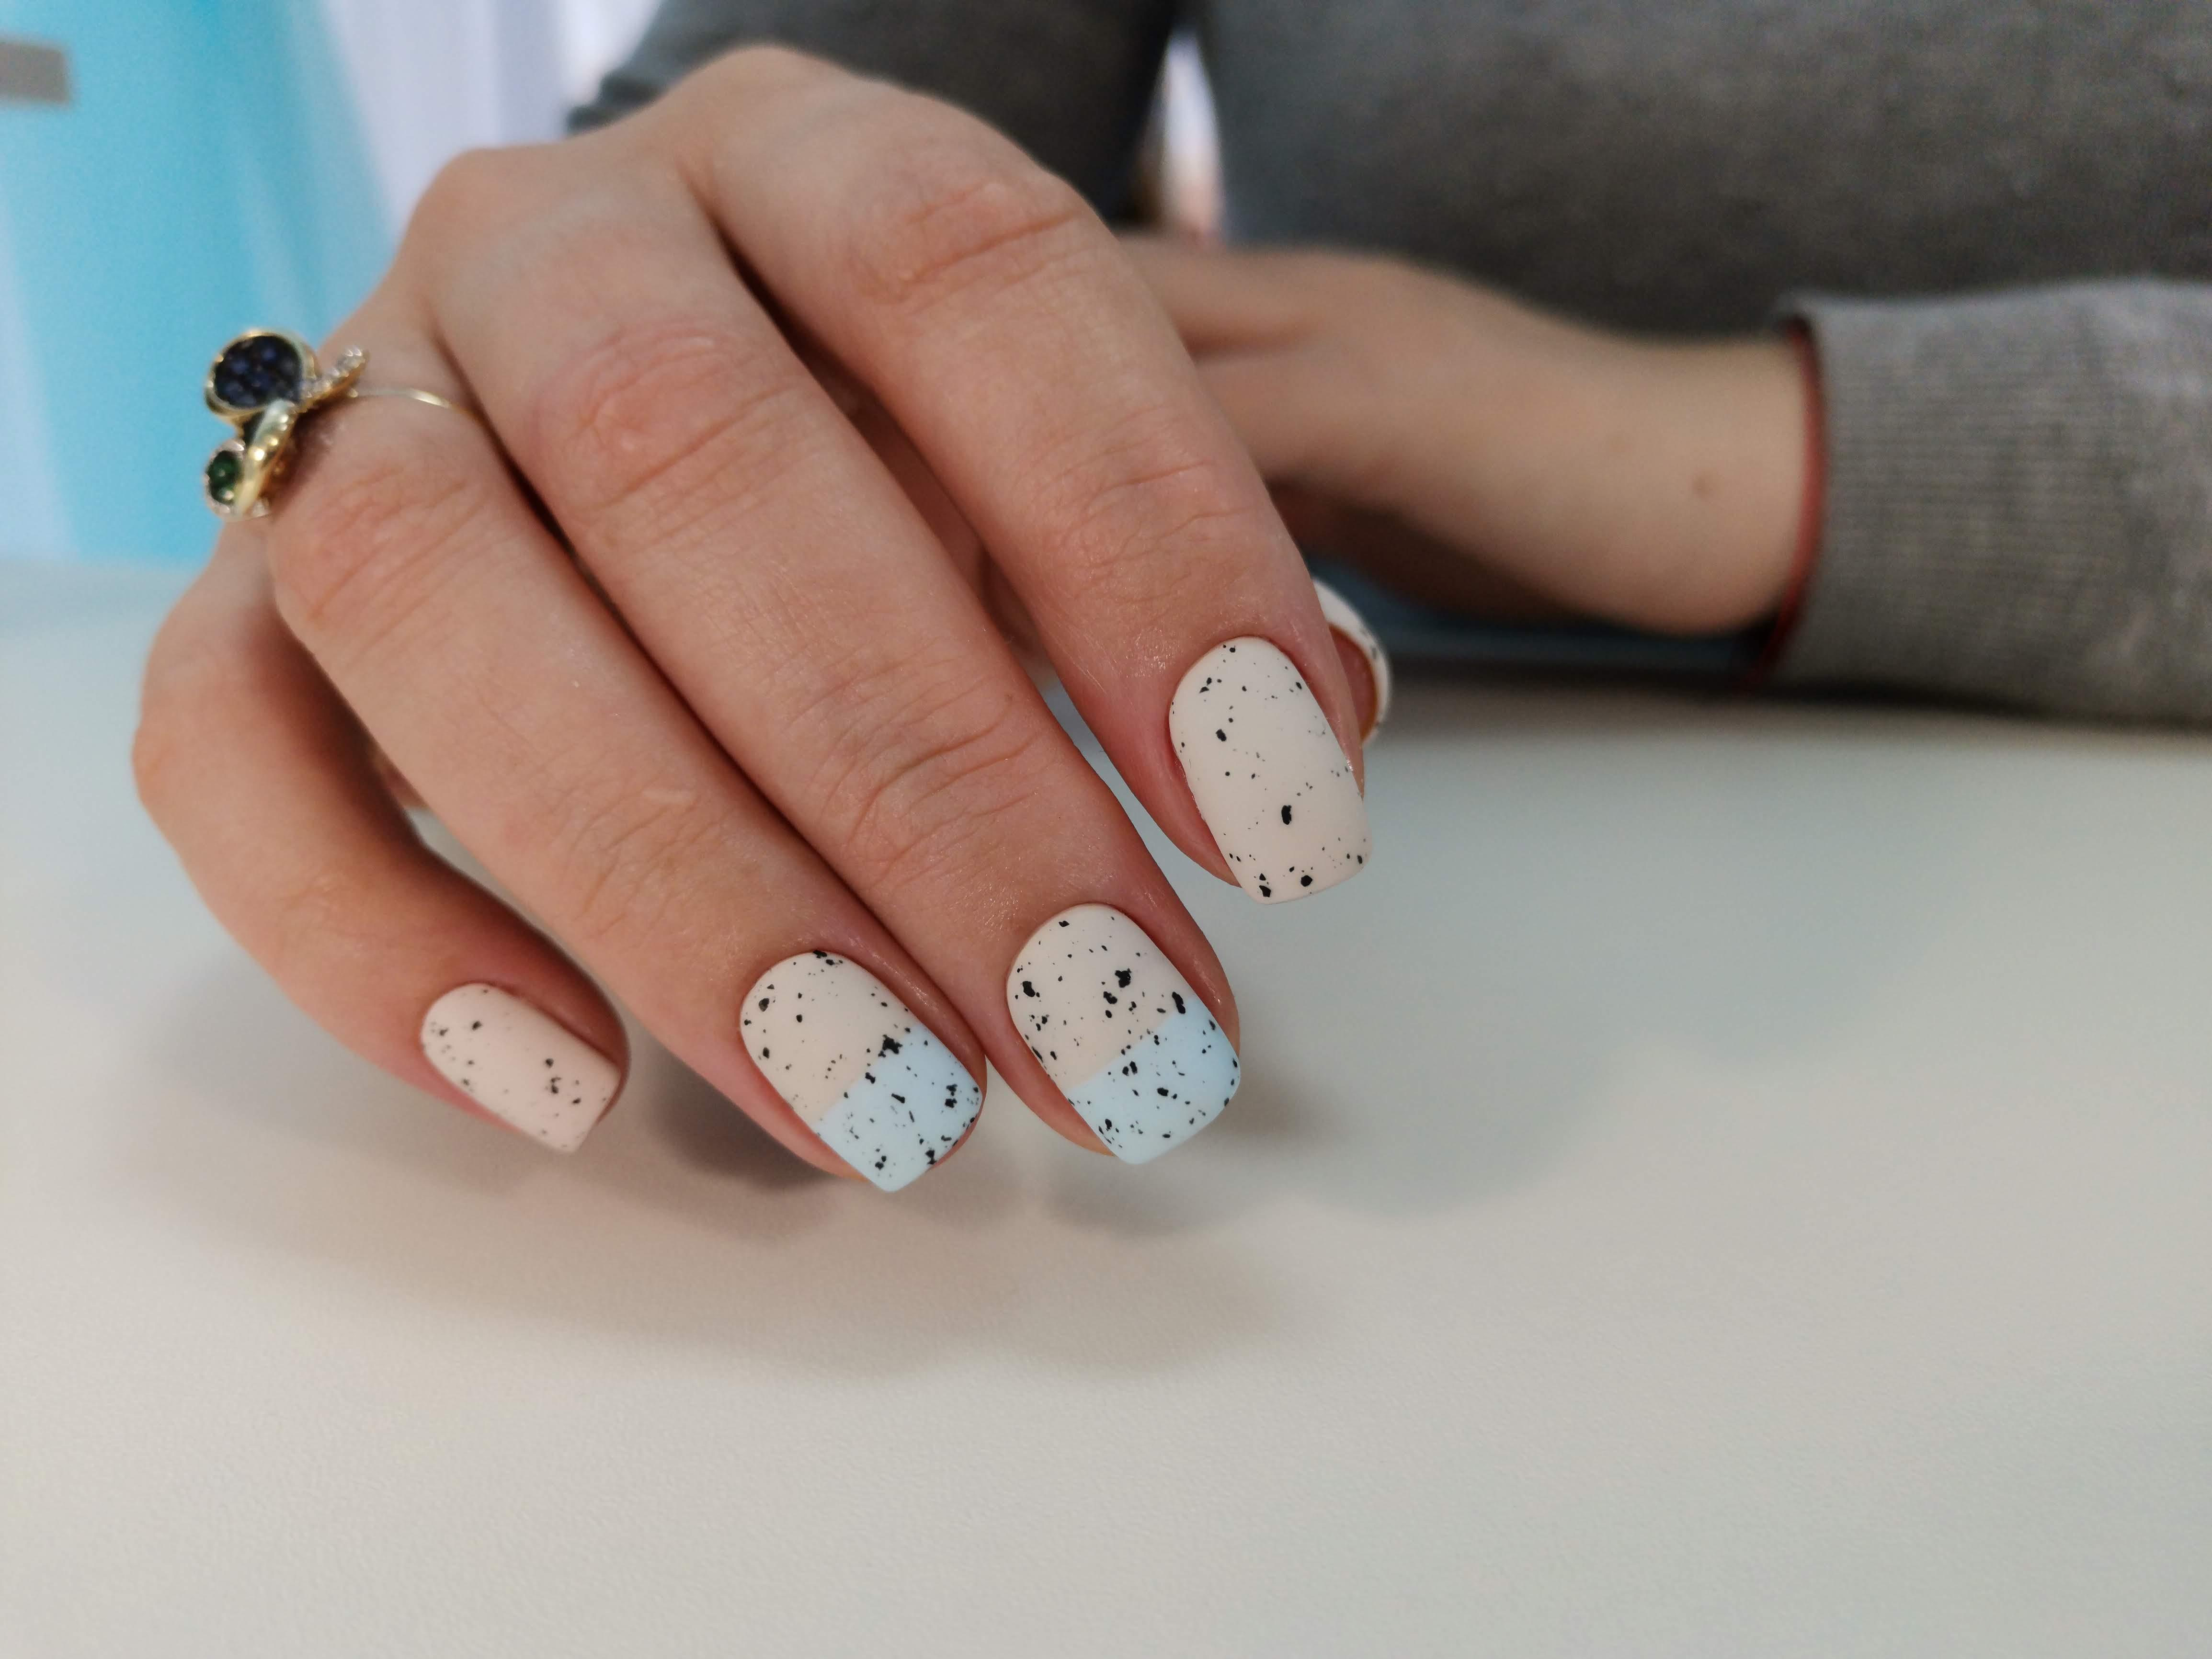 Матовый маникюр с абстрактным рисунком в бежевом цвете на короткие ногти.